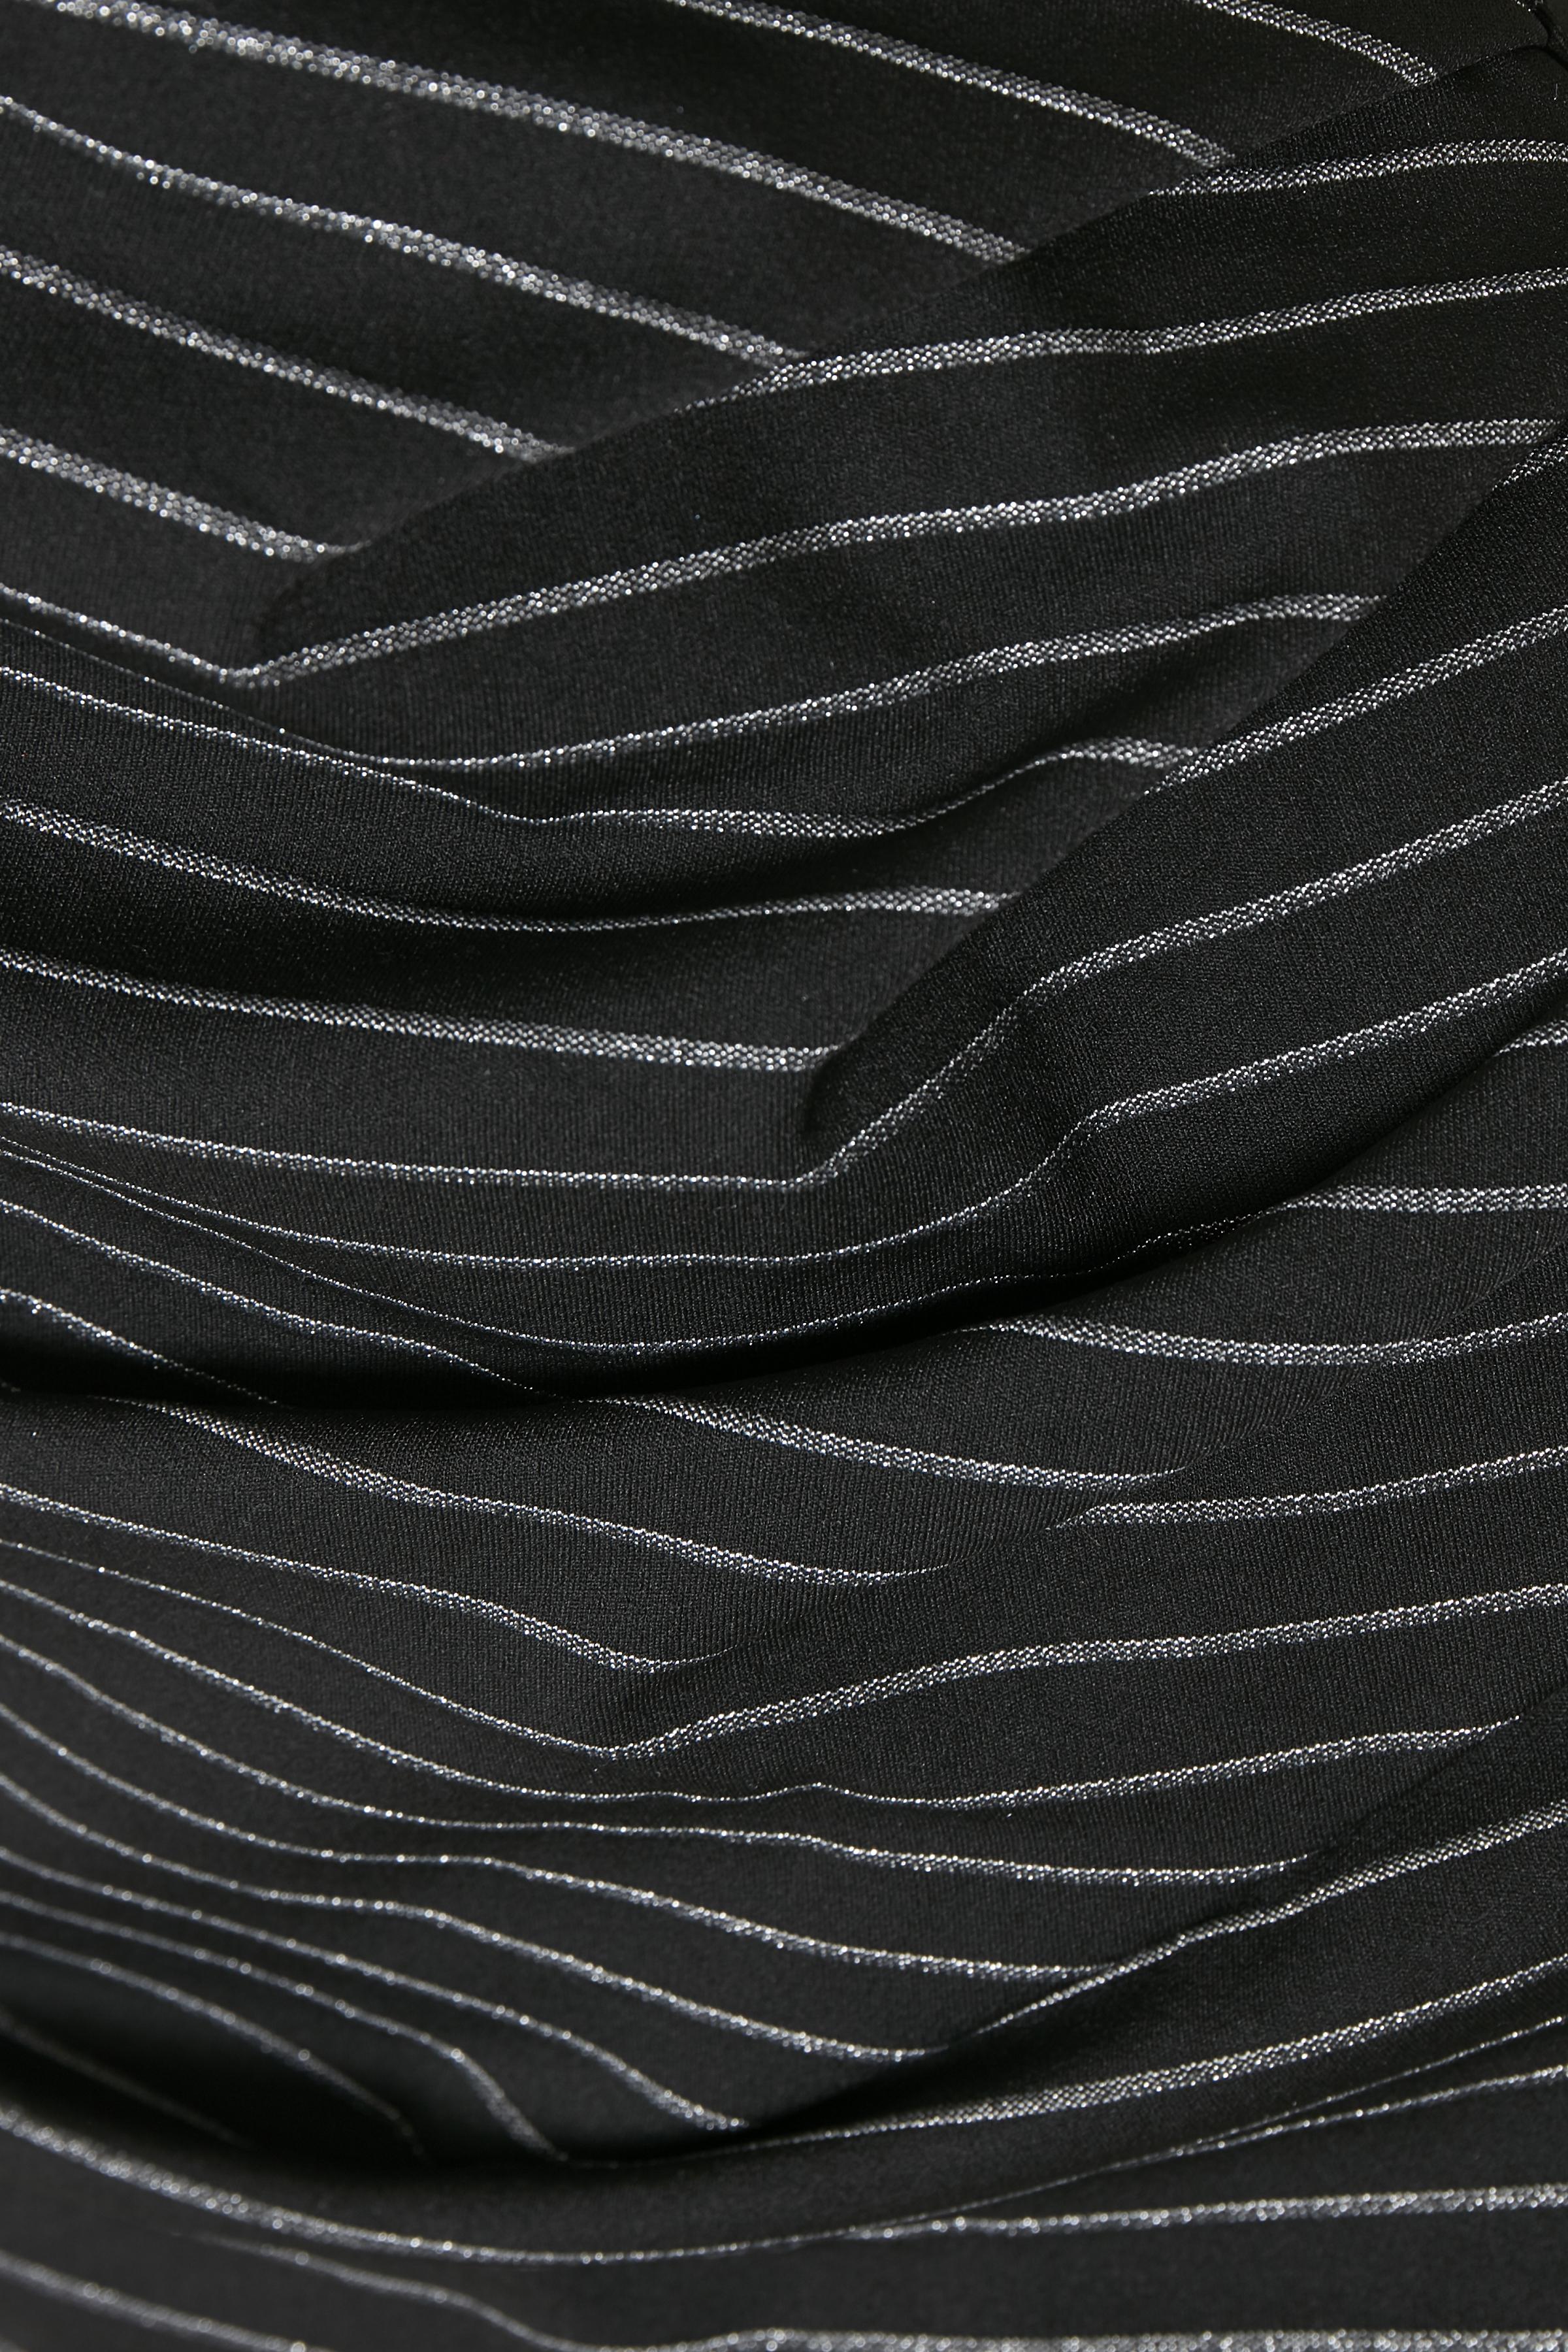 Schwarz/silber Strickkleid von Kaffe – Shoppen SieSchwarz/silber Strickkleid ab Gr. XS-XXL hier